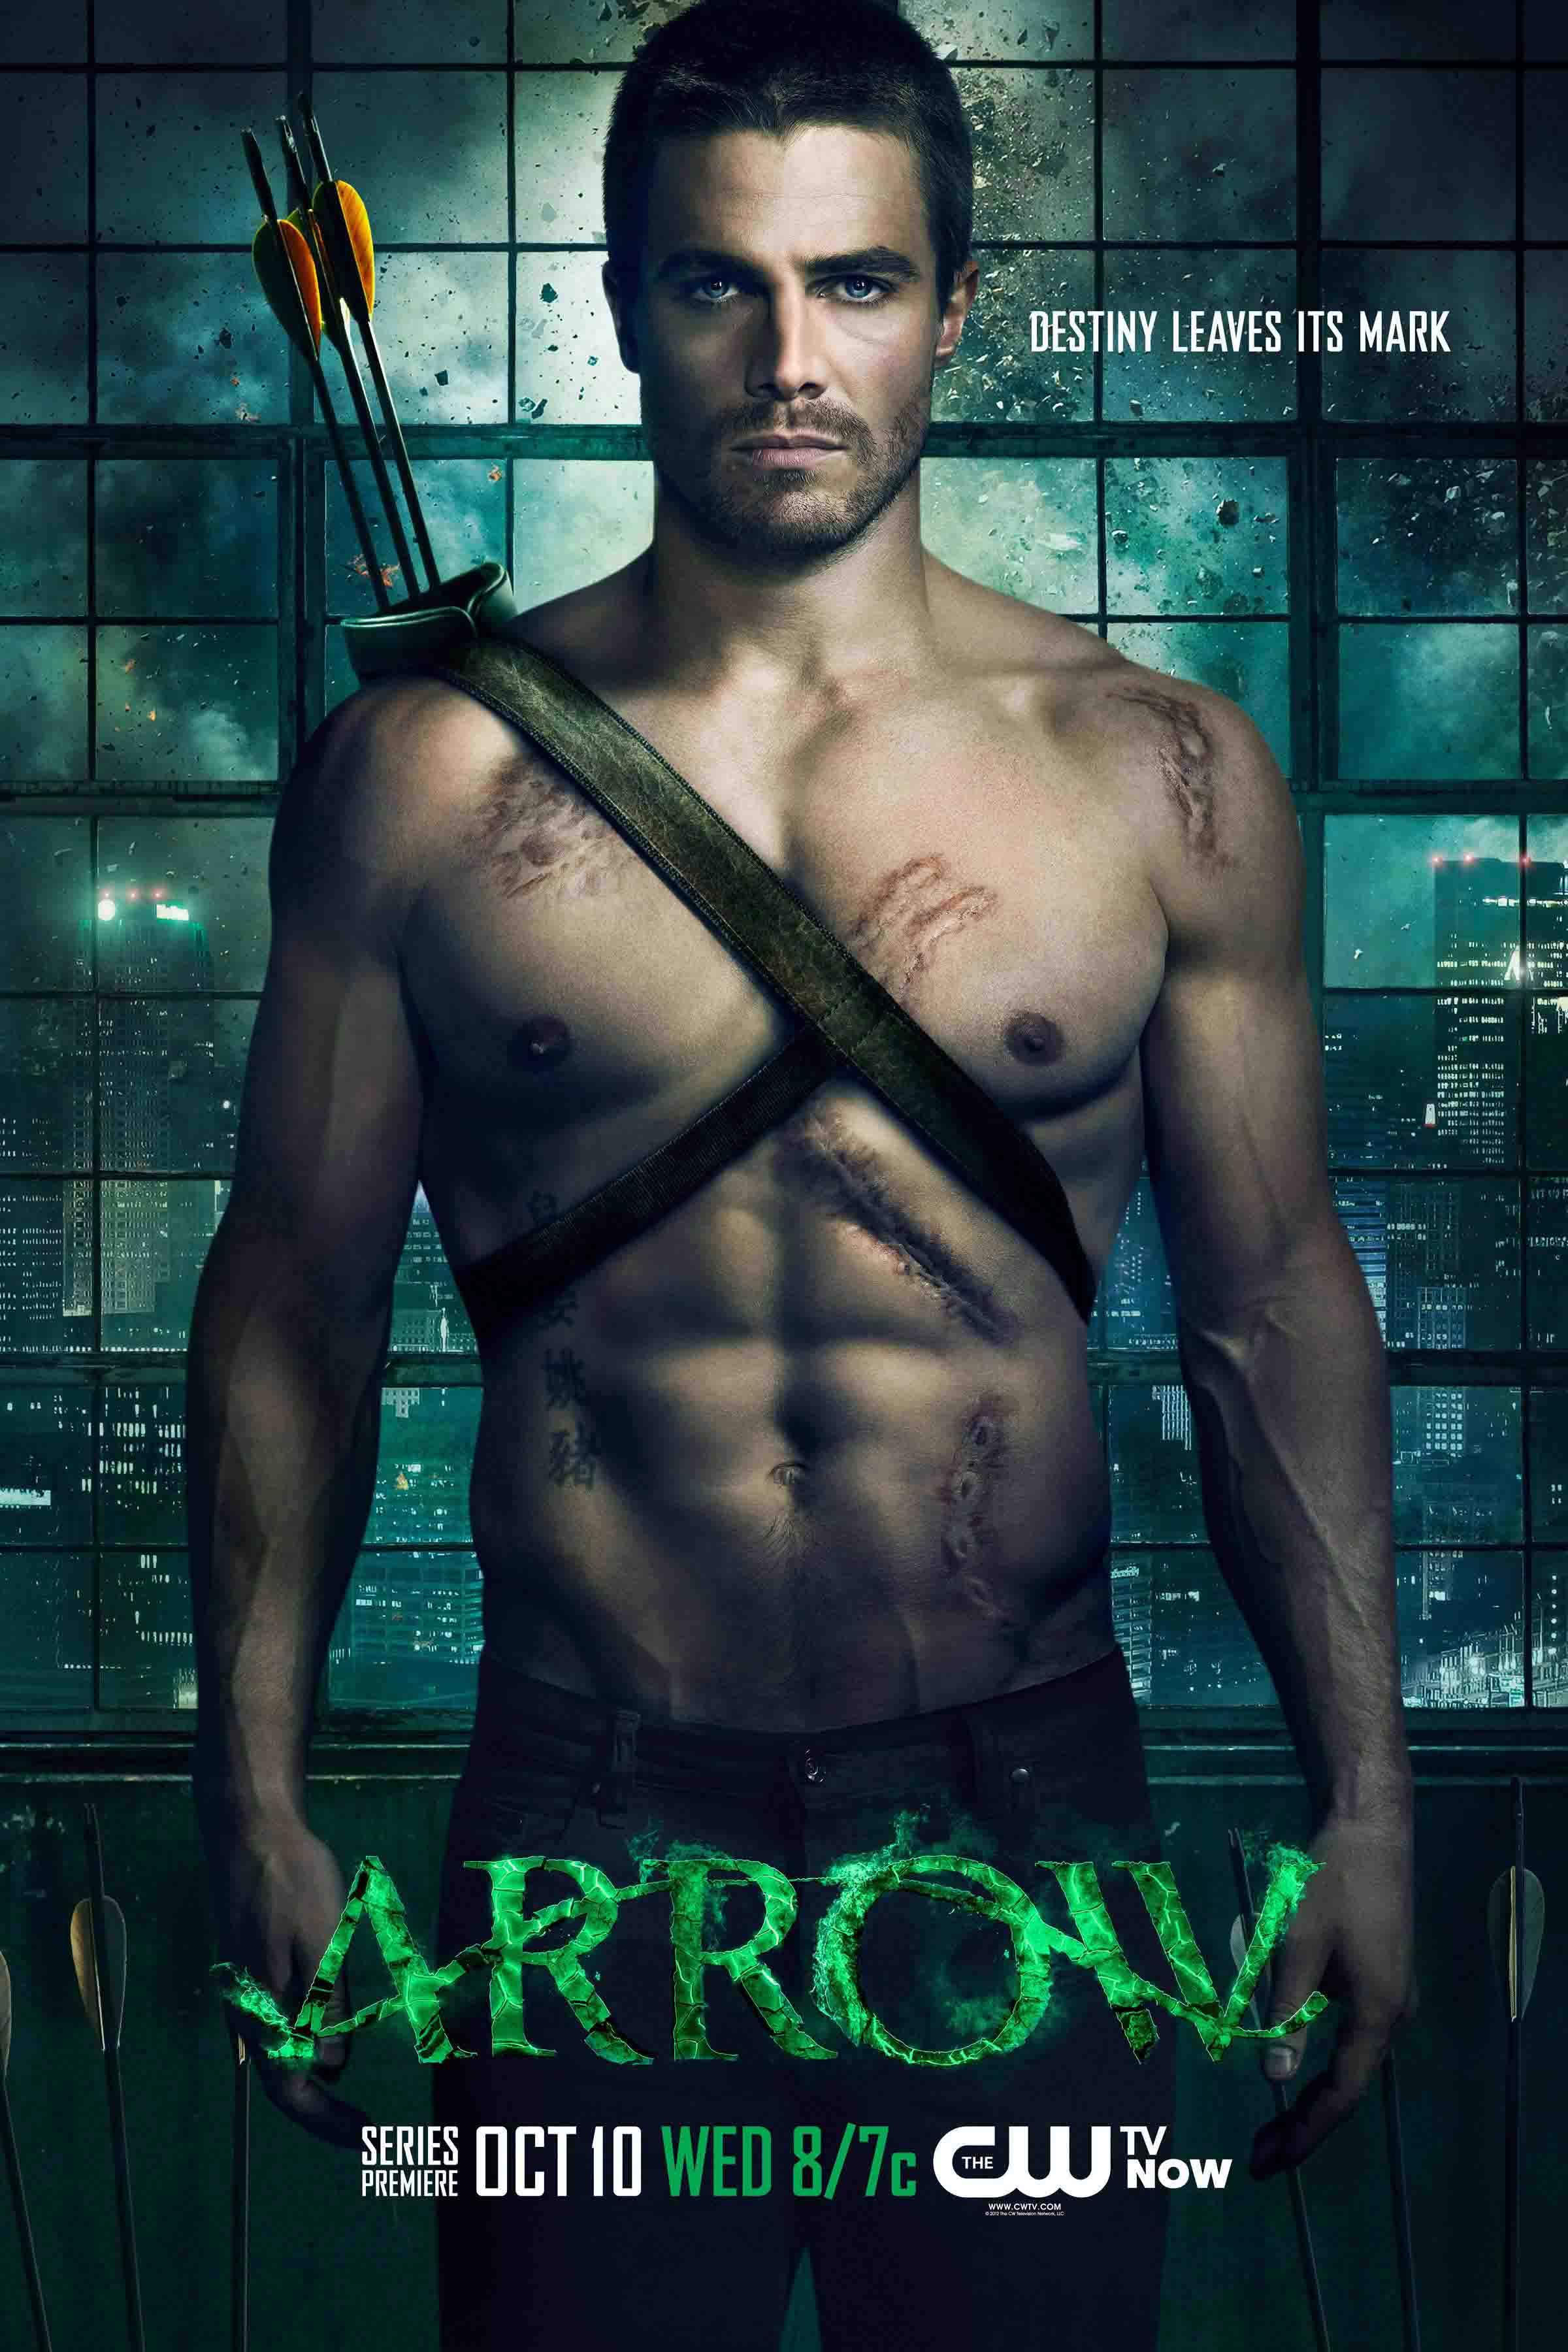 دانلود سریال Arrow - دانلود با لینک مستقیم رایگان - فصل پنجم سریال Arrow